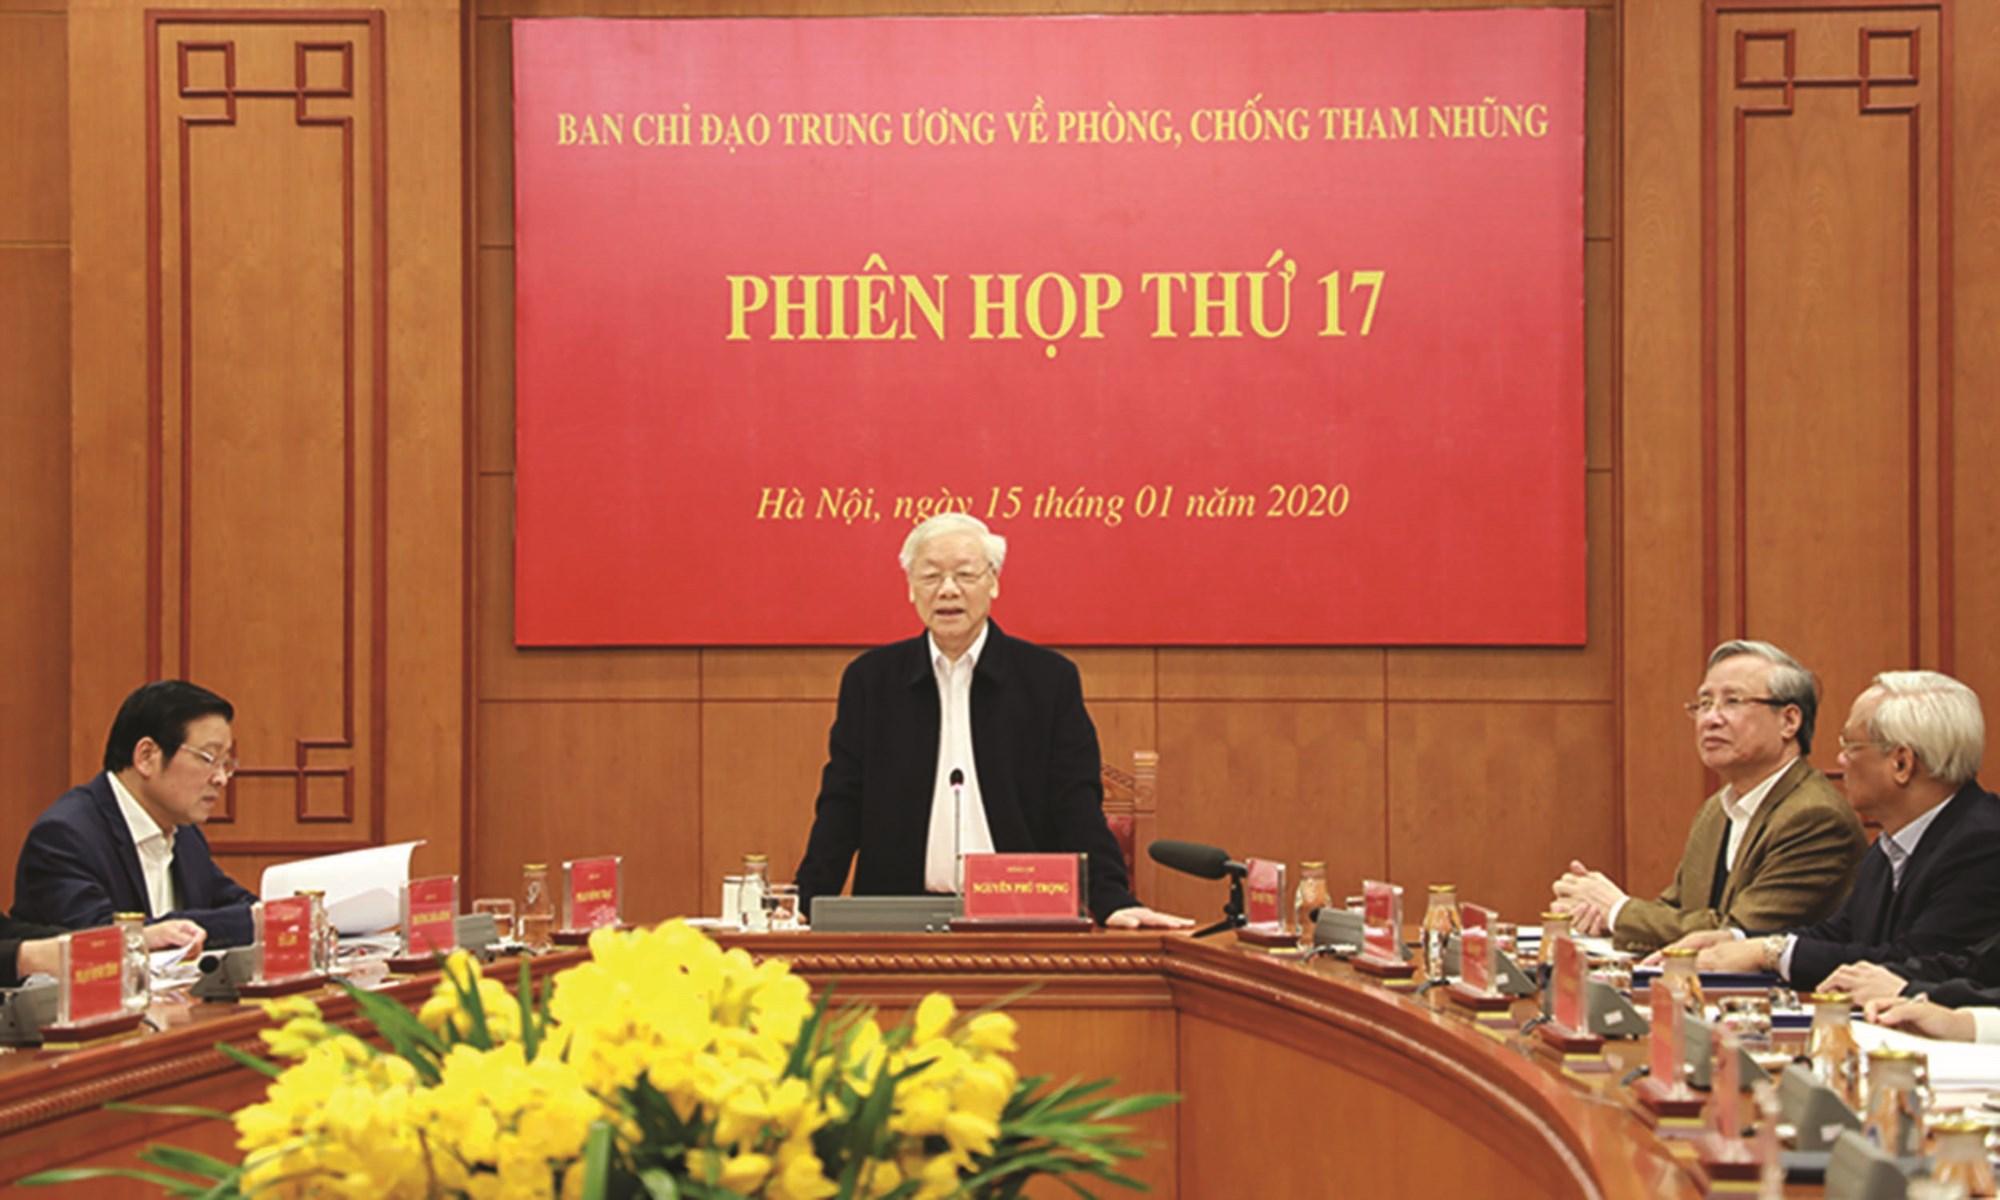 Tổng Bí thư, Chủ tịch nước Nguyễn Phú Trọng phát biểu kết luận Phiên họp.